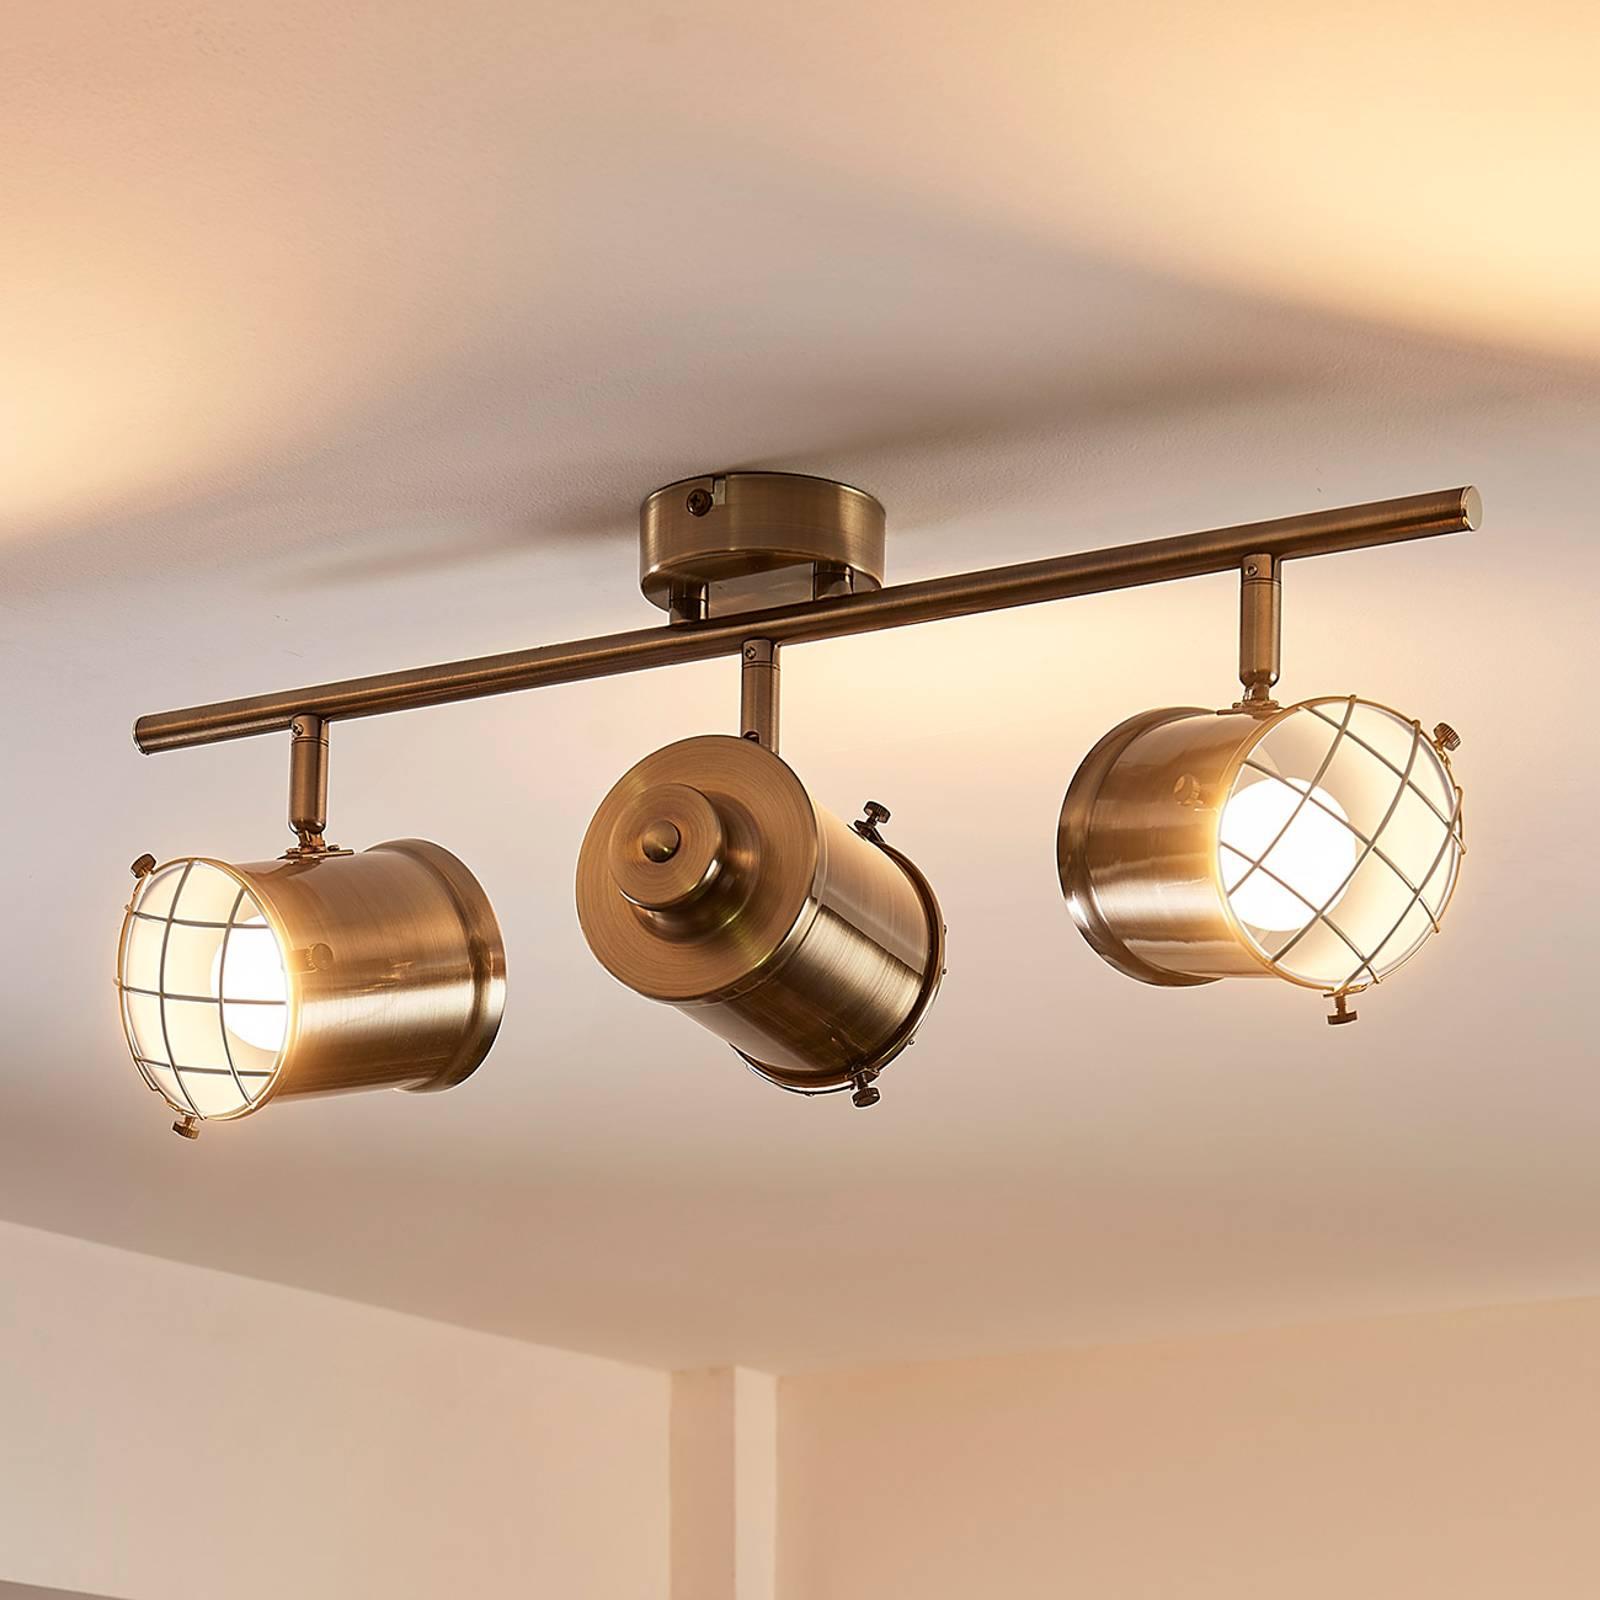 3-lamppuinen Easydim-kattolamppu Ebbi, LEDeillä